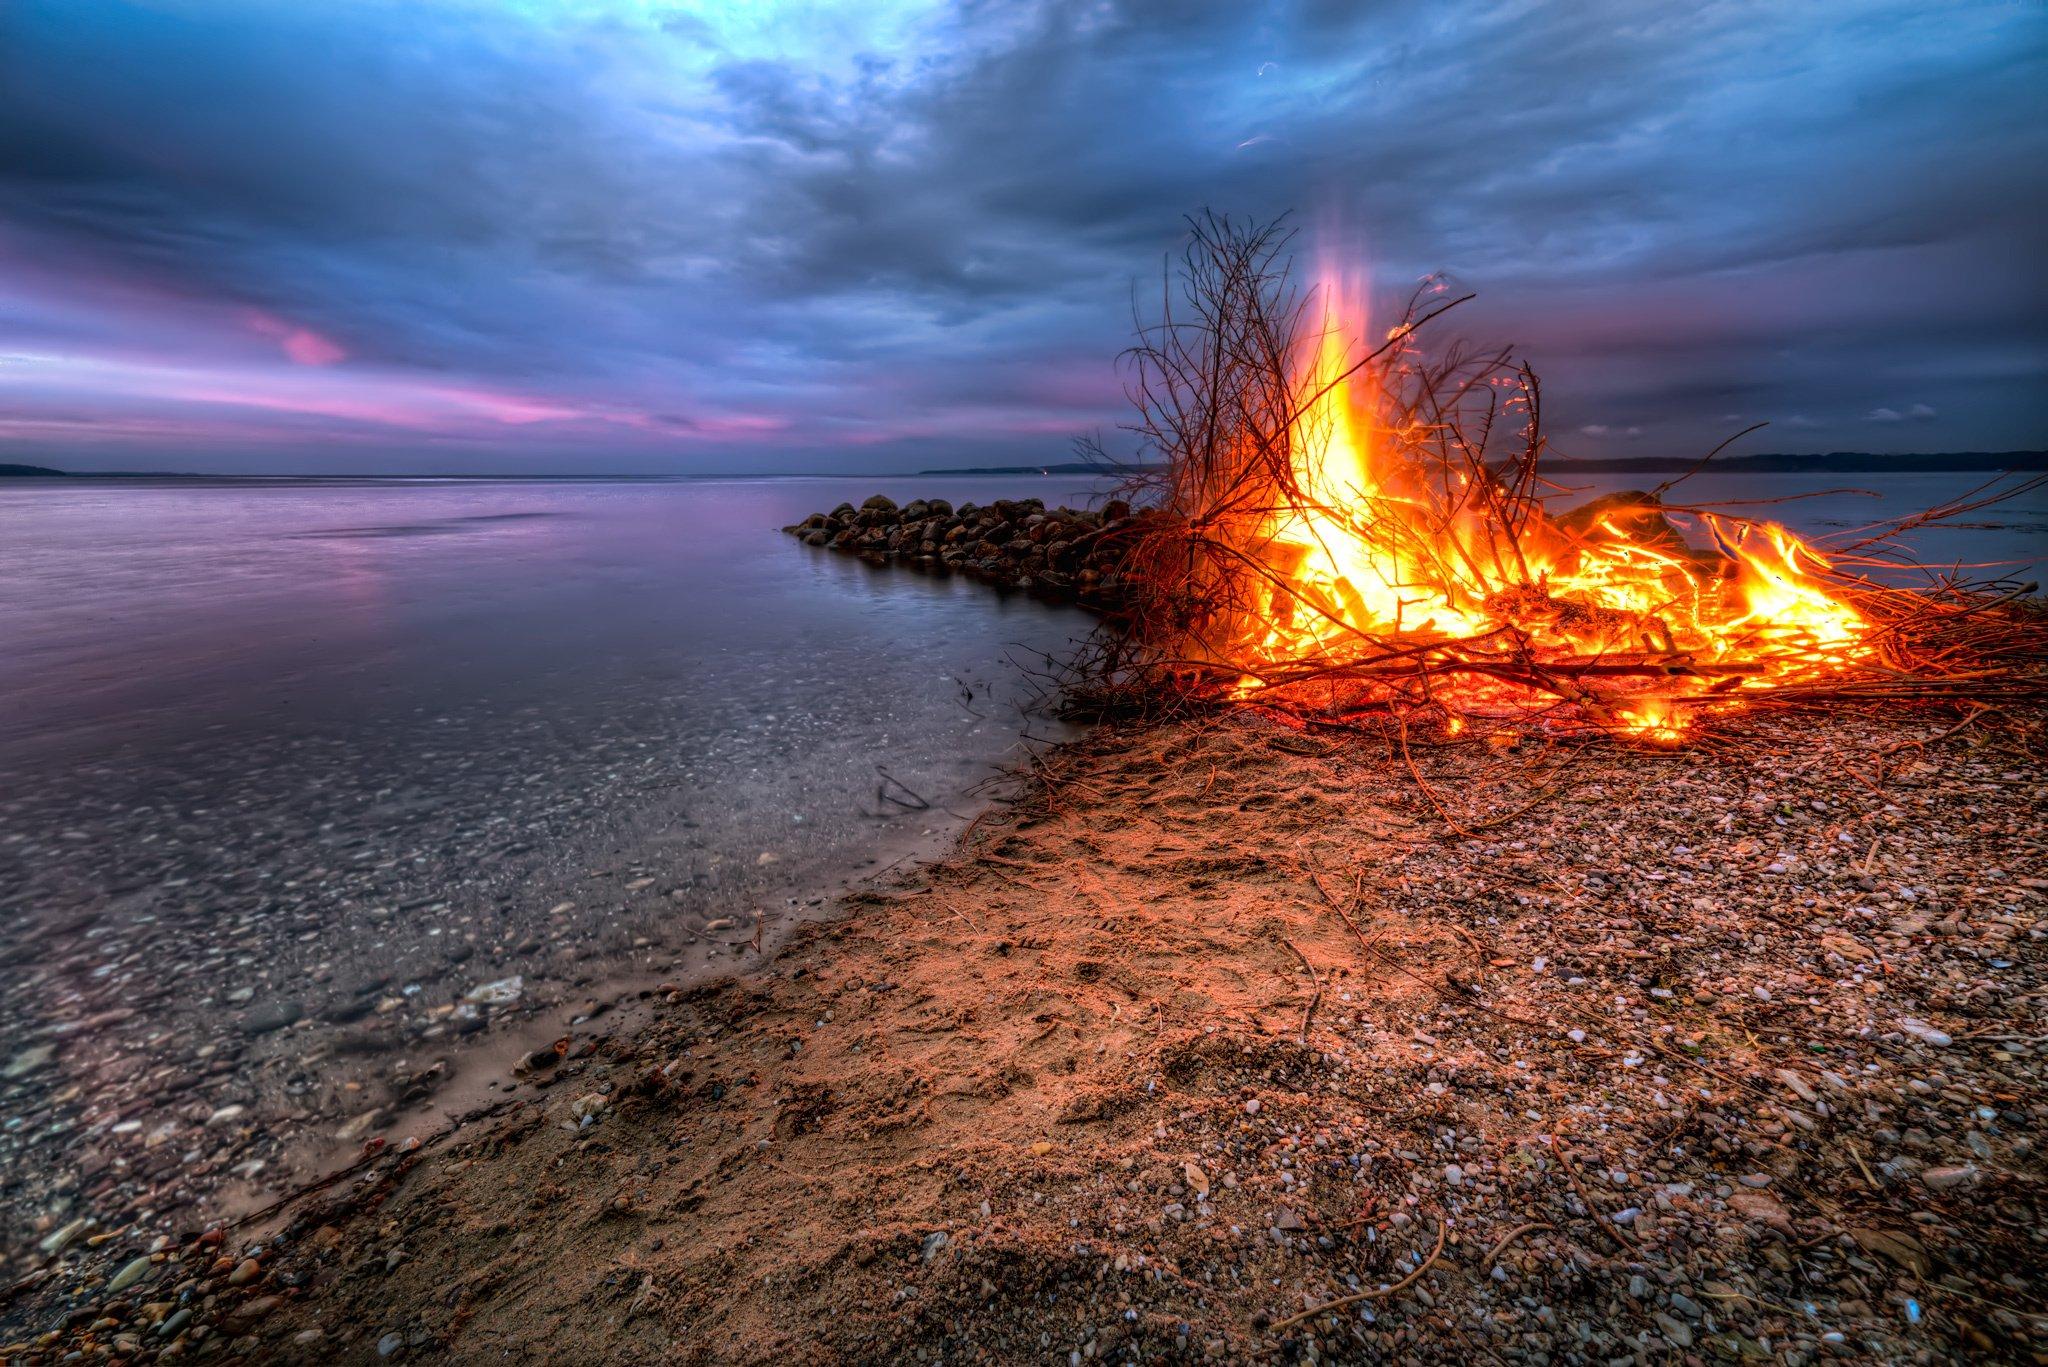 Спокойствие умиротворение огонь костер  № 3560284 без смс